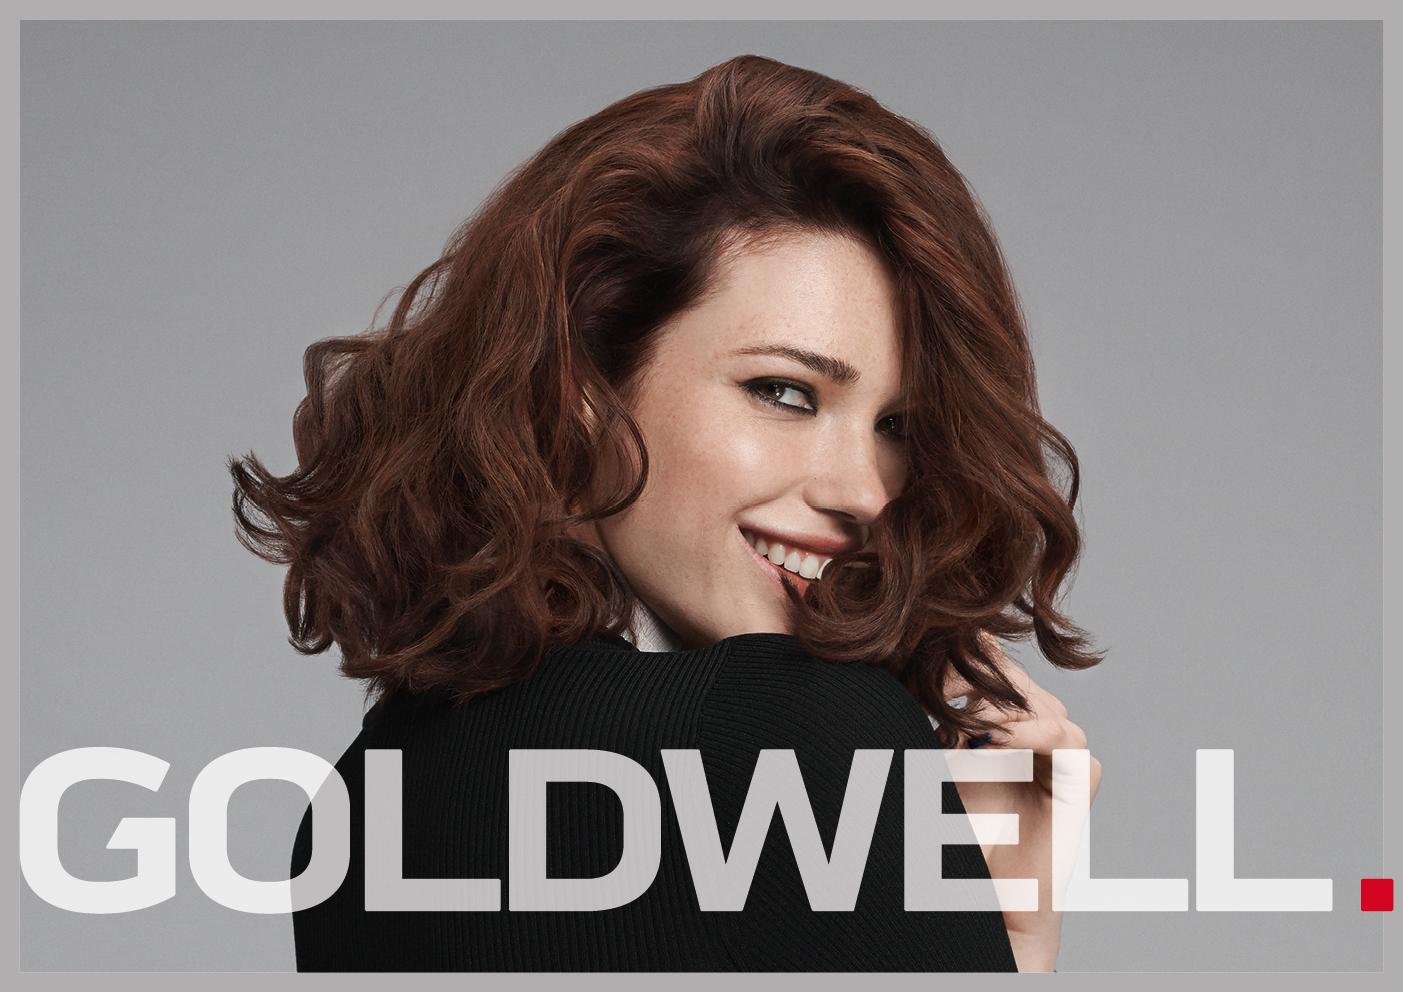 Goldwell Evolution – Ihr Weg Locken zu kreieren